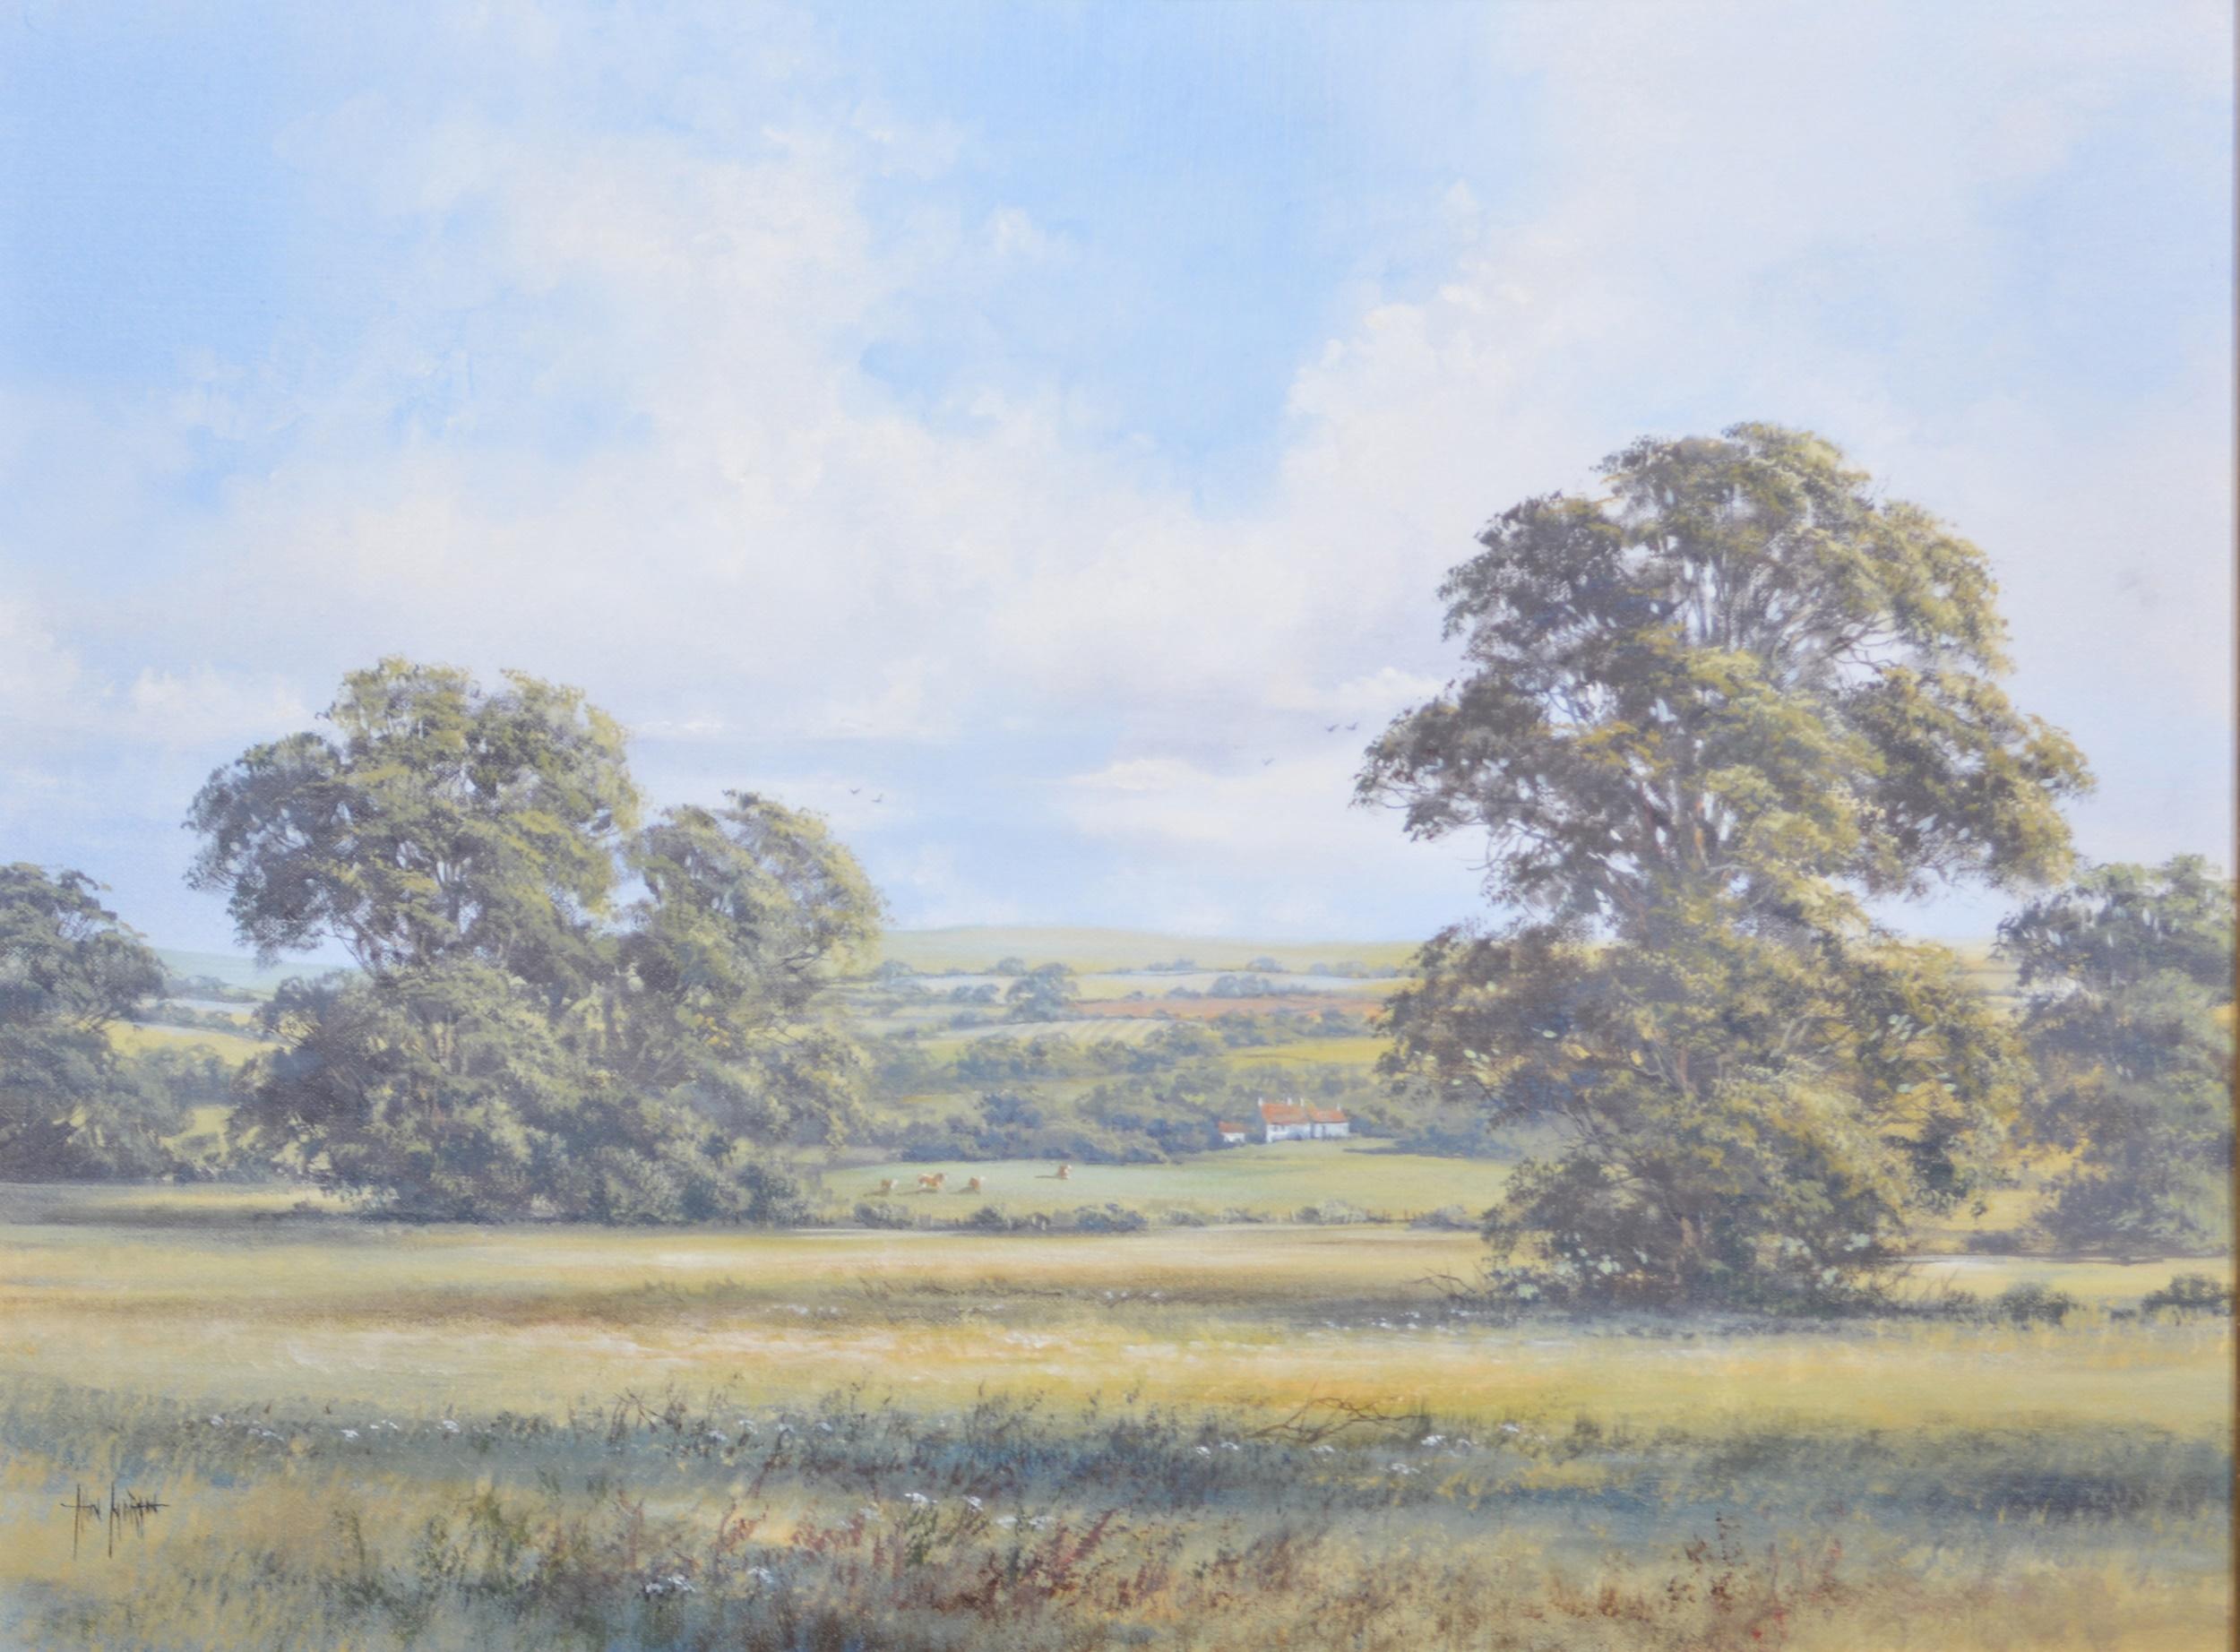 Allan Morgan, Country landscape